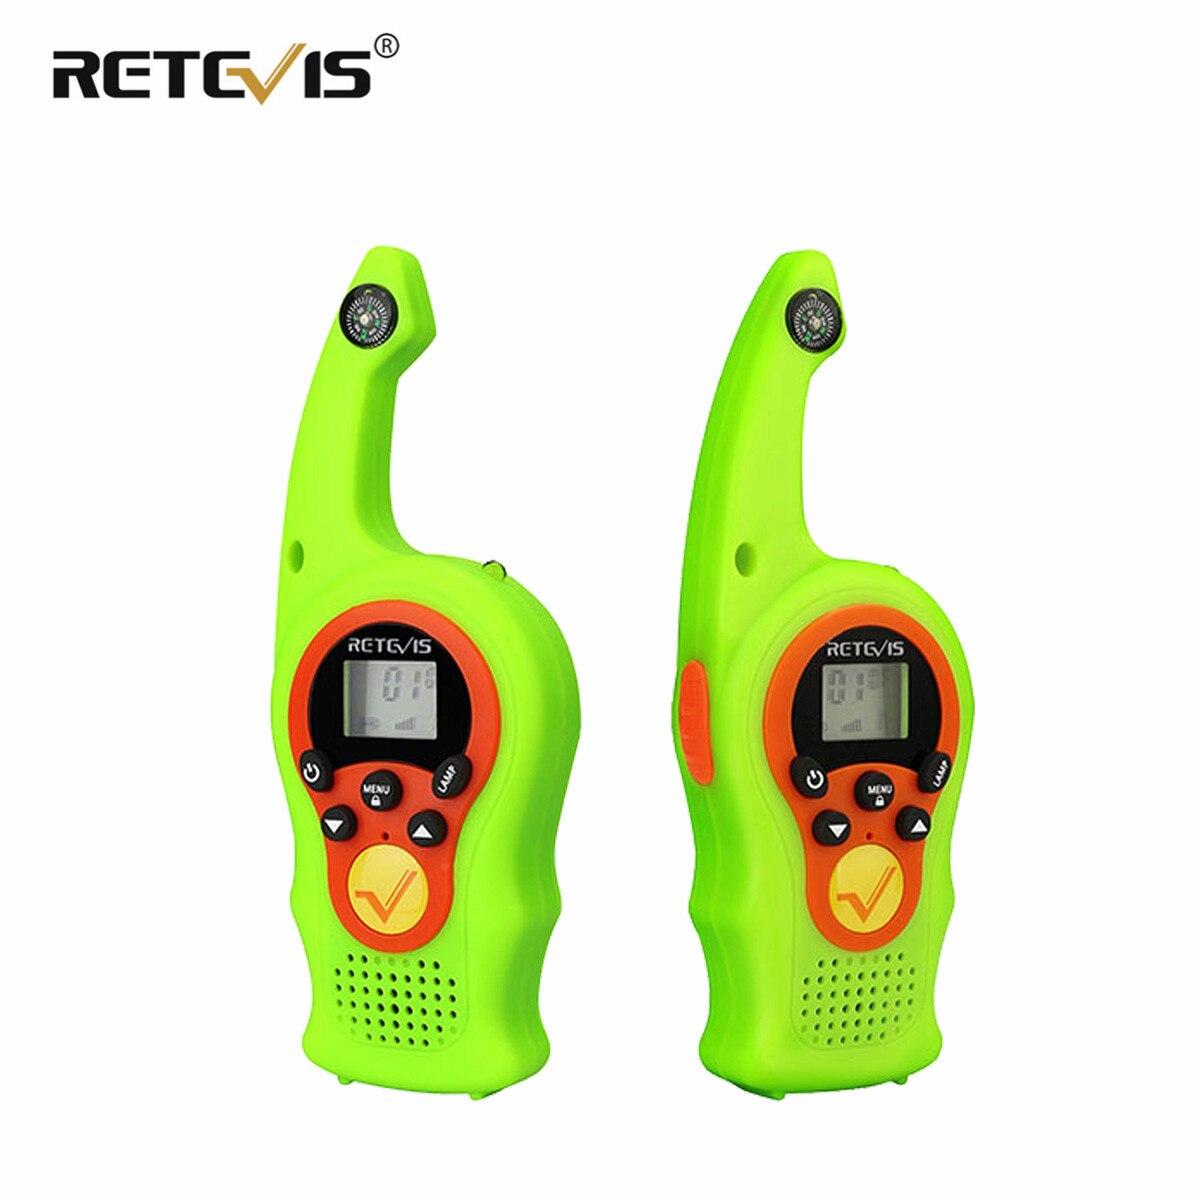 ספיישל SILVERLIT Retevis RT675 / 75 ווקי נייד דו כיוונית הילדים PMR446 PMR 0.5W FRS 2pcs רדיו מכשיר הקשר מצפן VOX פנס המולד מתנה (1)